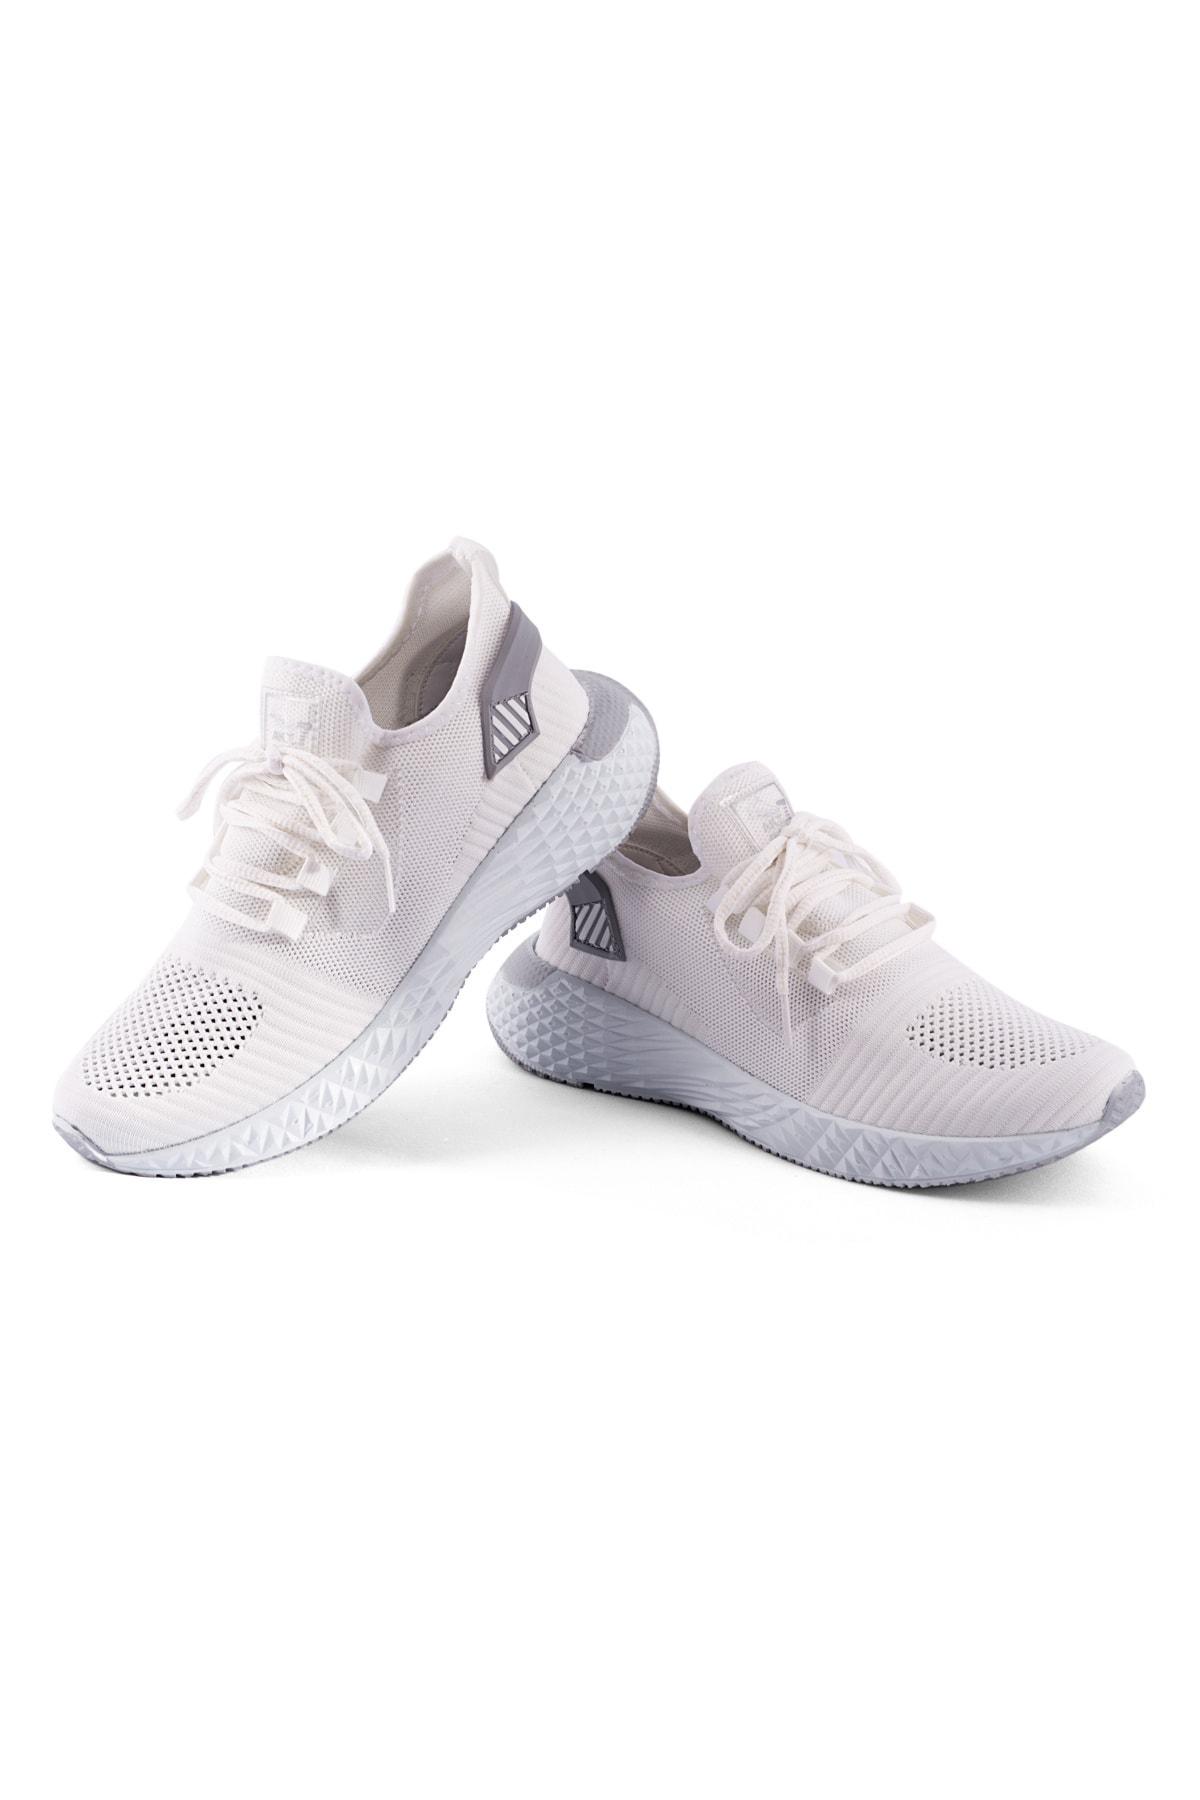 AKX 7 132 Beyaz Renk Beyaz Taban Erkek Spor Ayakkabı 2